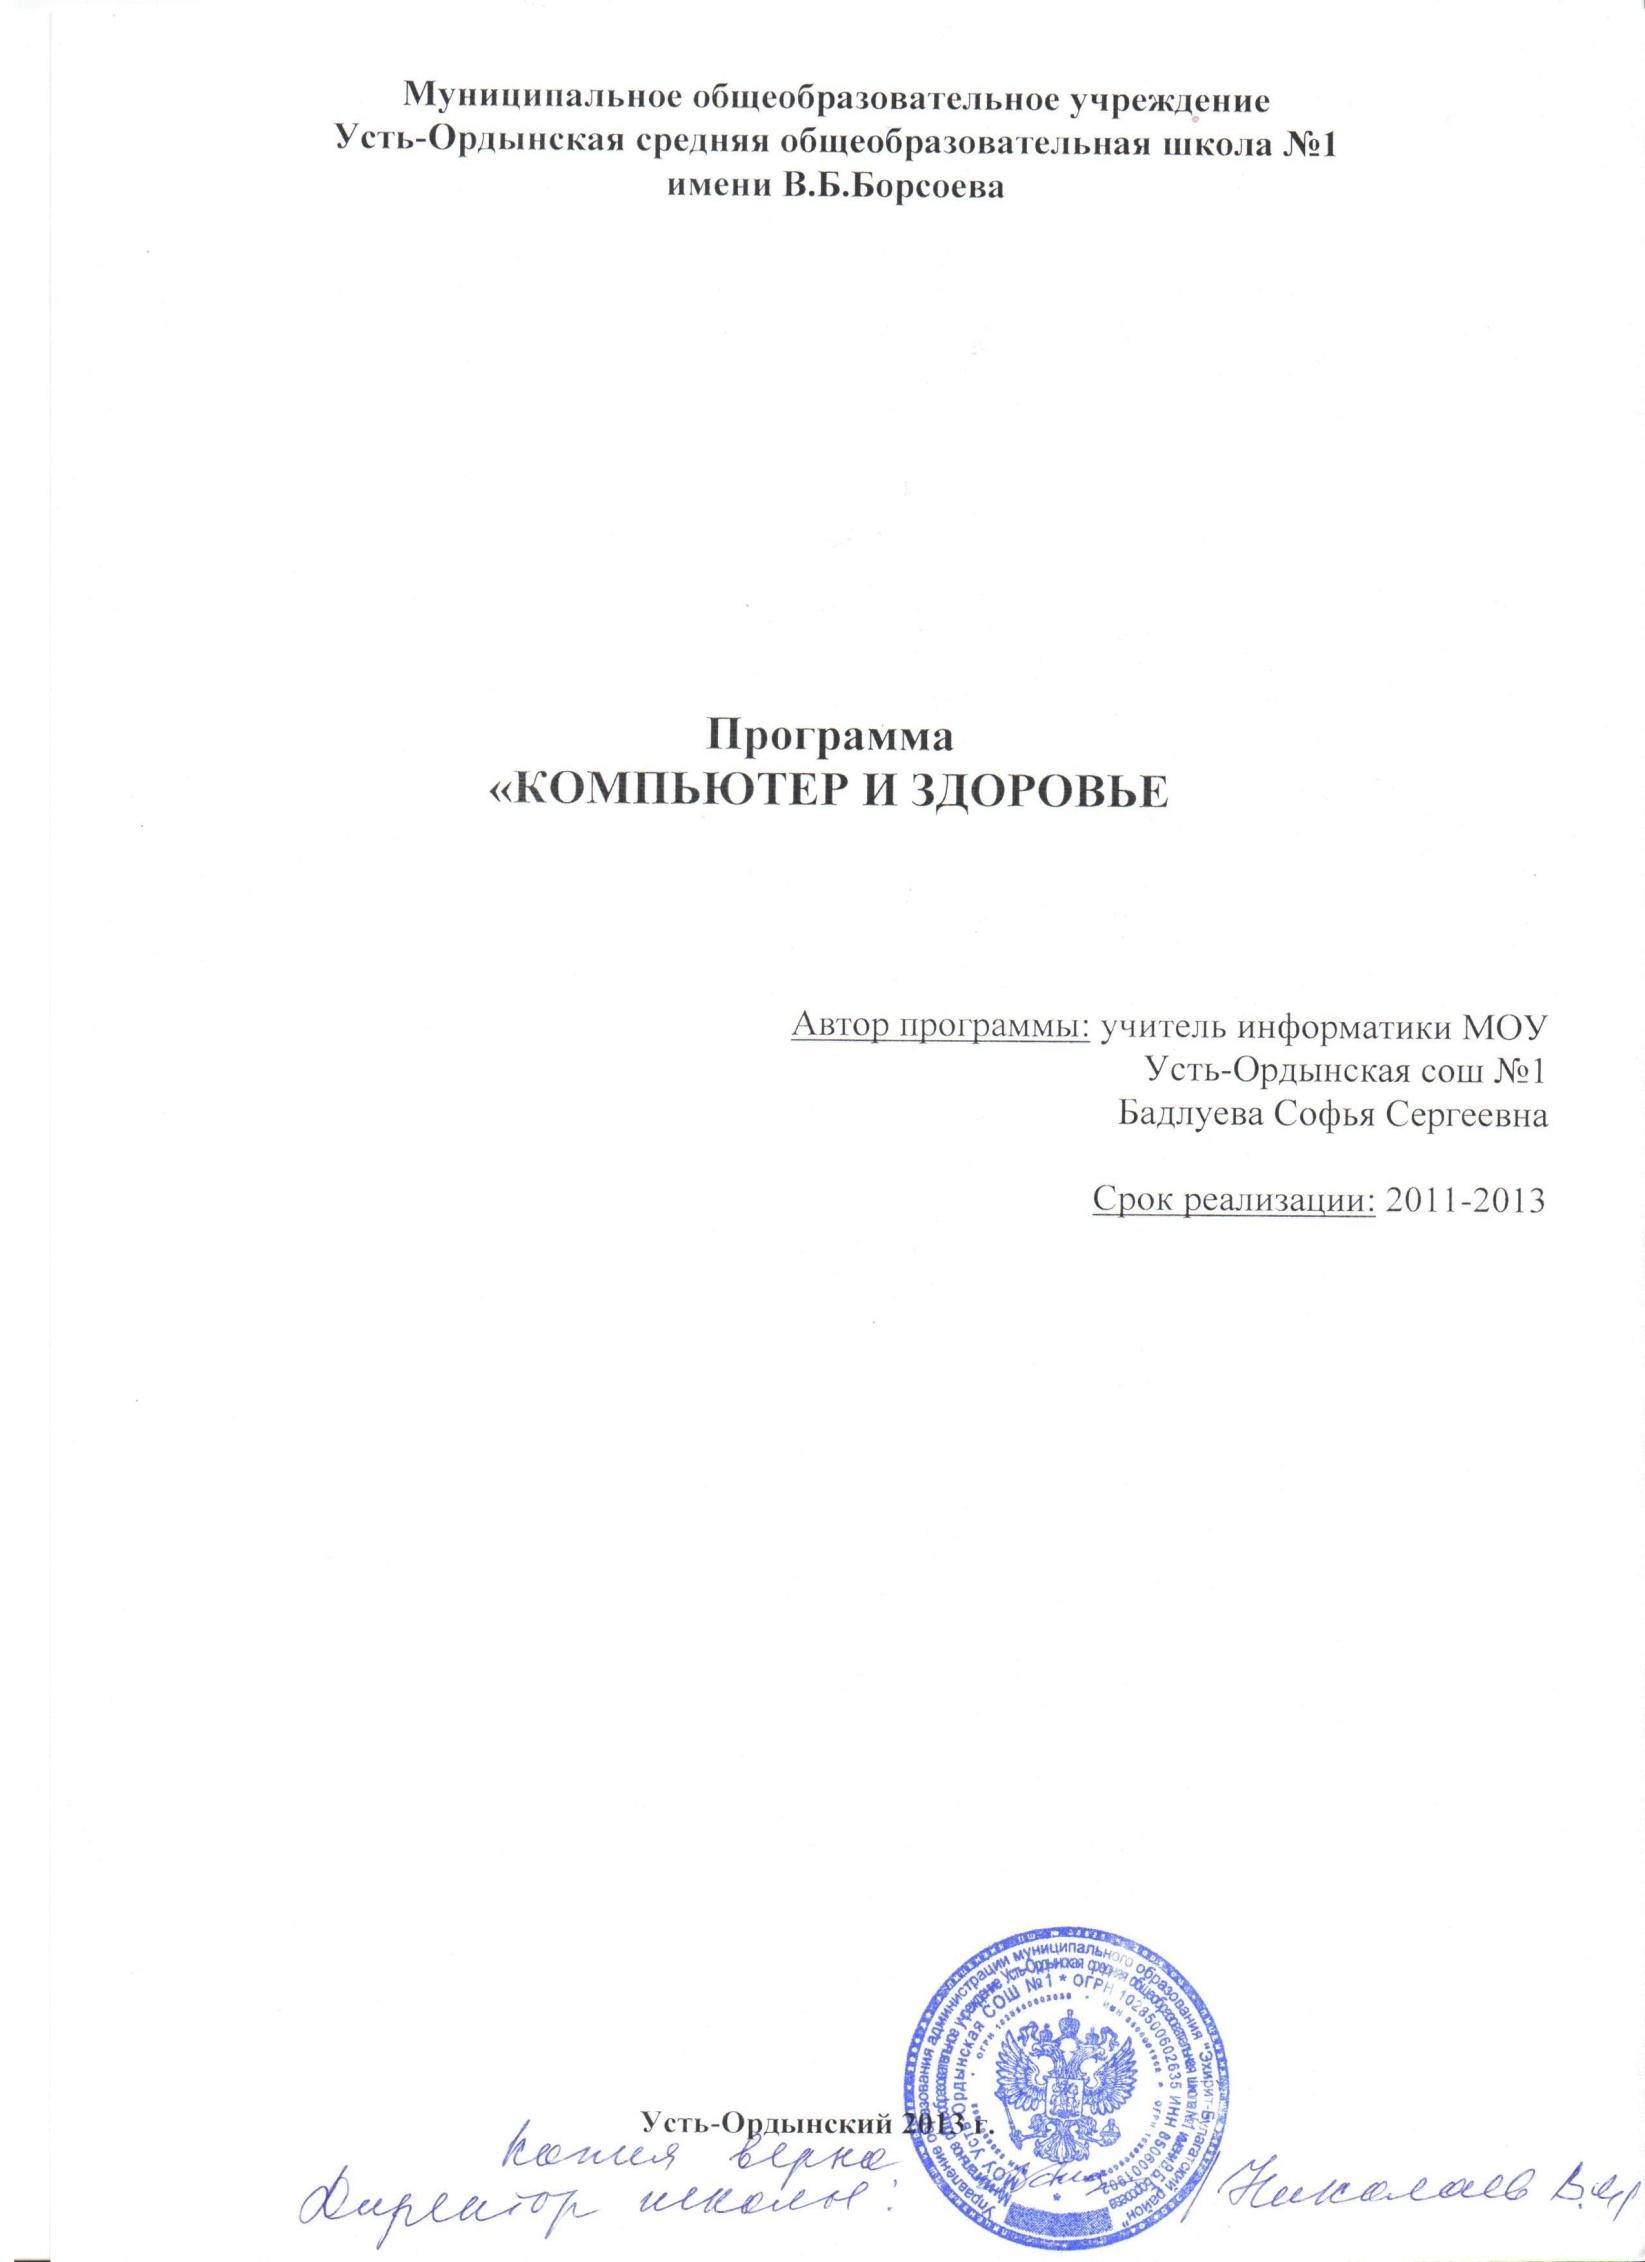 C:\Documents and Settings\Admin\Рабочий стол\ПАРИЛОЖЕНИЯ\Приложения\Приложение 16\приложение 16.jpg